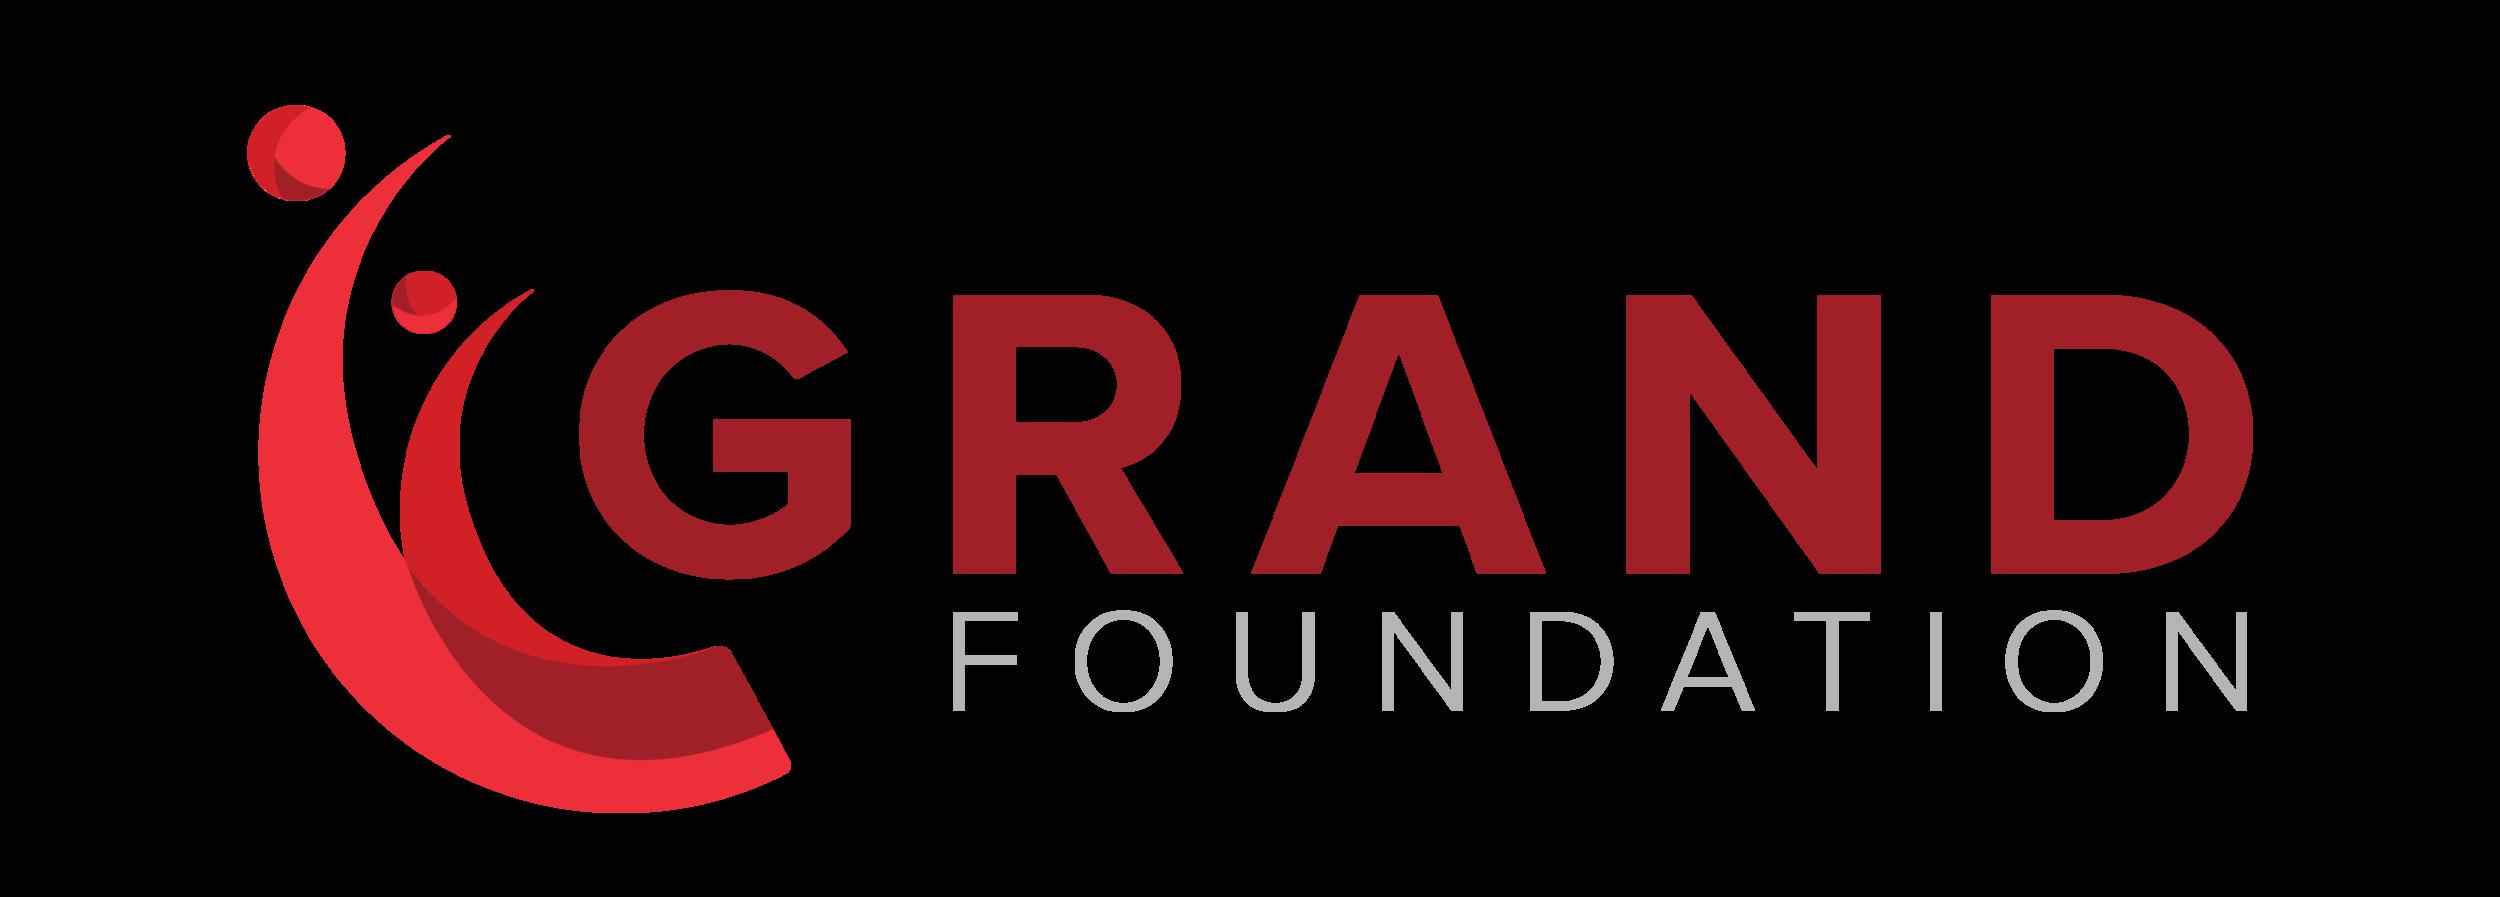 GrandFoundation_Logo-update-01.png